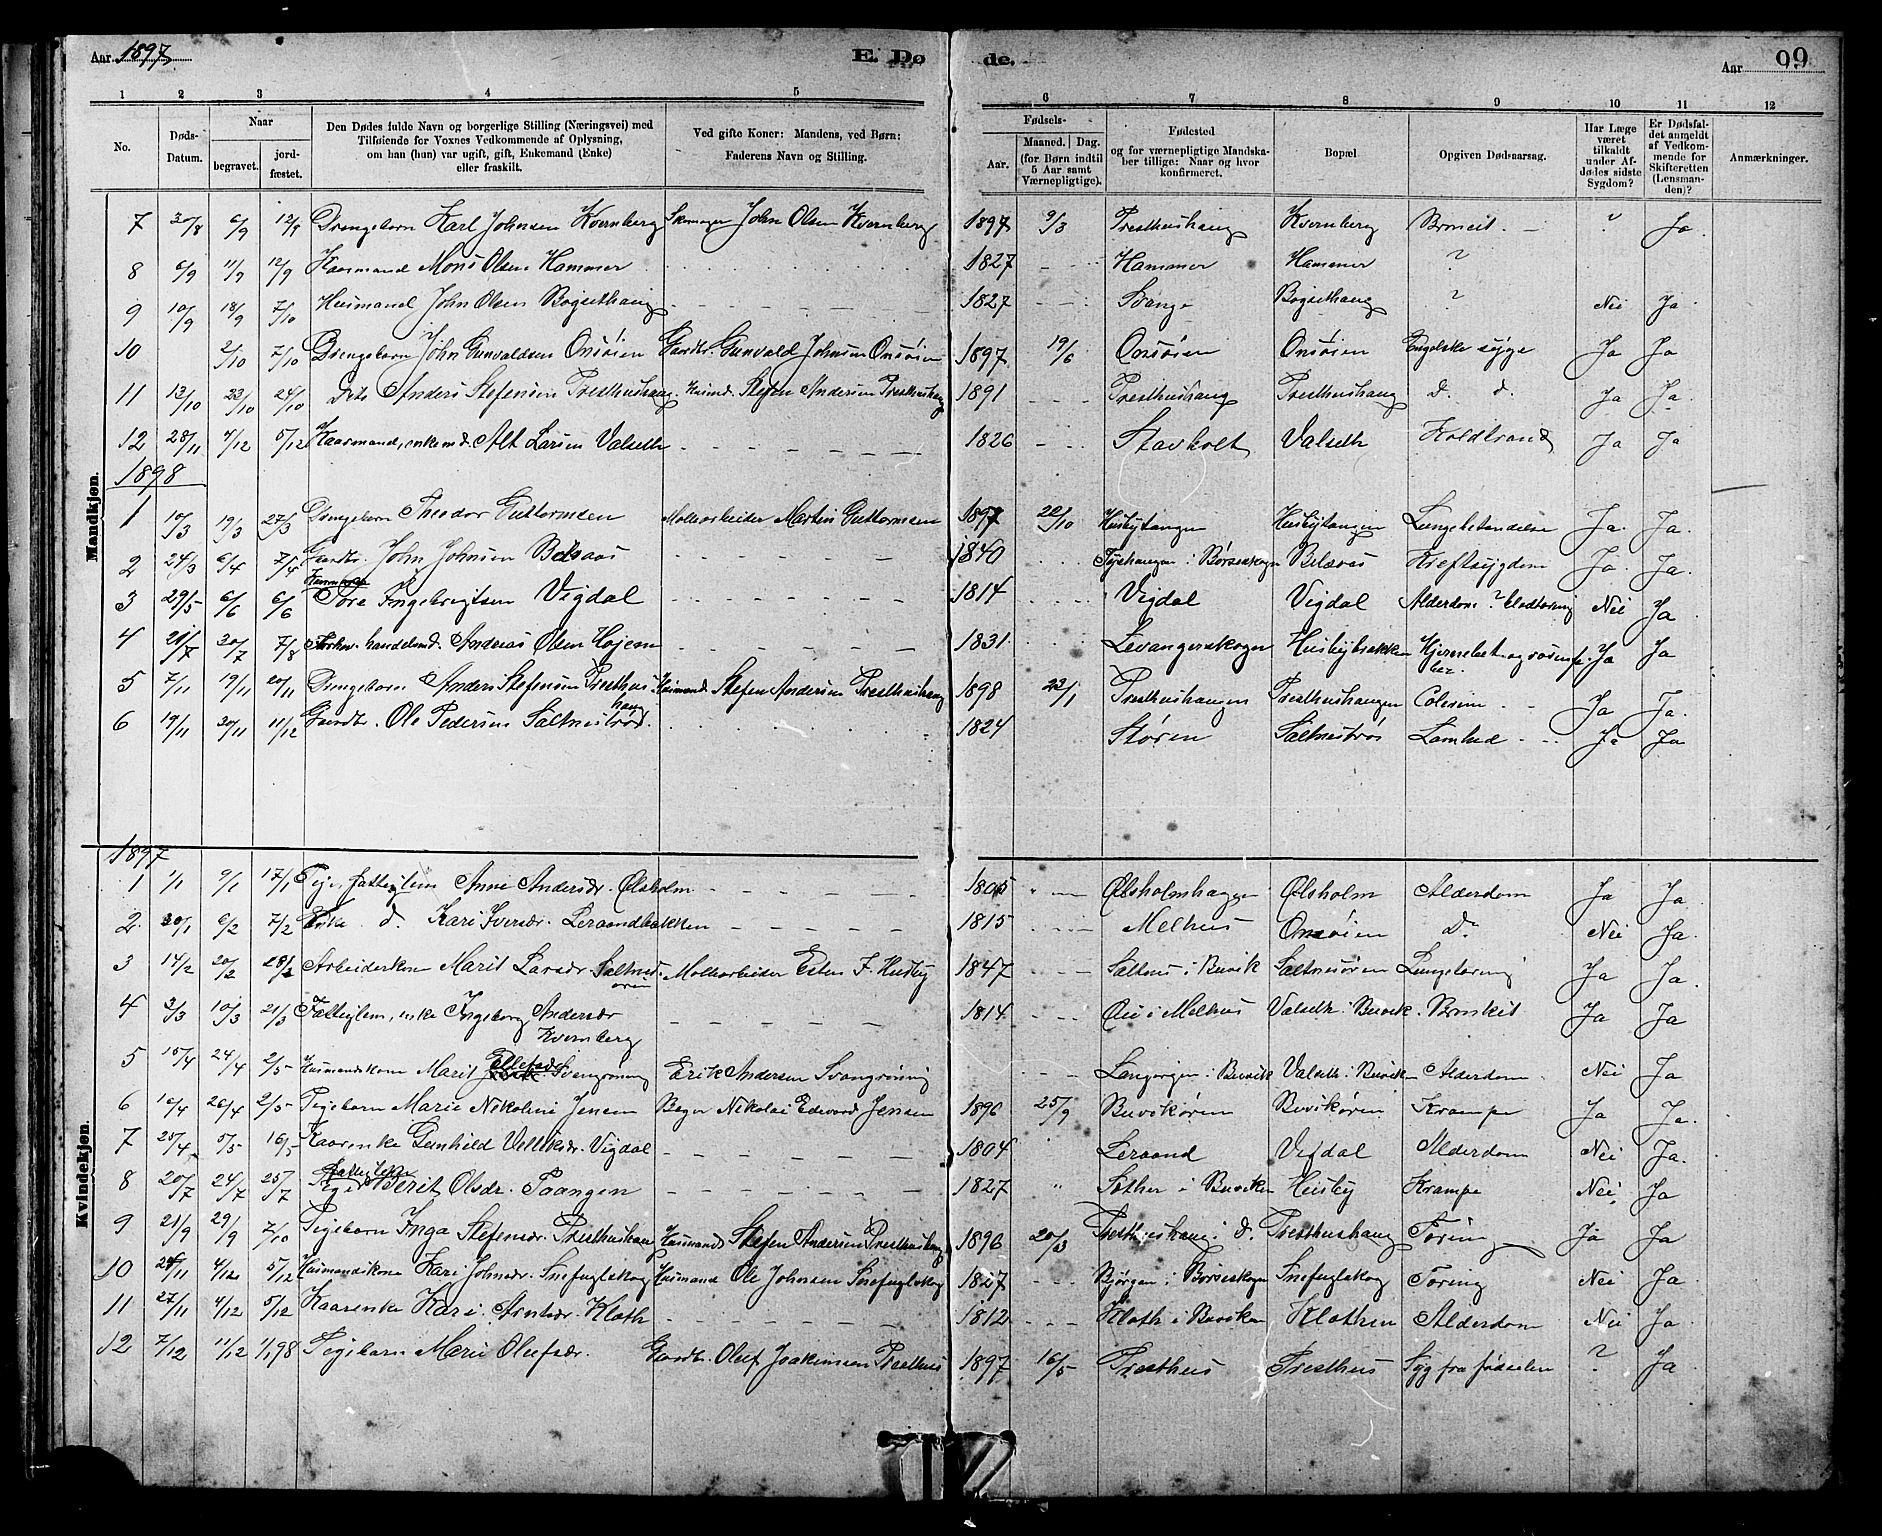 SAT, Ministerialprotokoller, klokkerbøker og fødselsregistre - Sør-Trøndelag, 666/L0790: Klokkerbok nr. 666C03, 1885-1908, s. 99